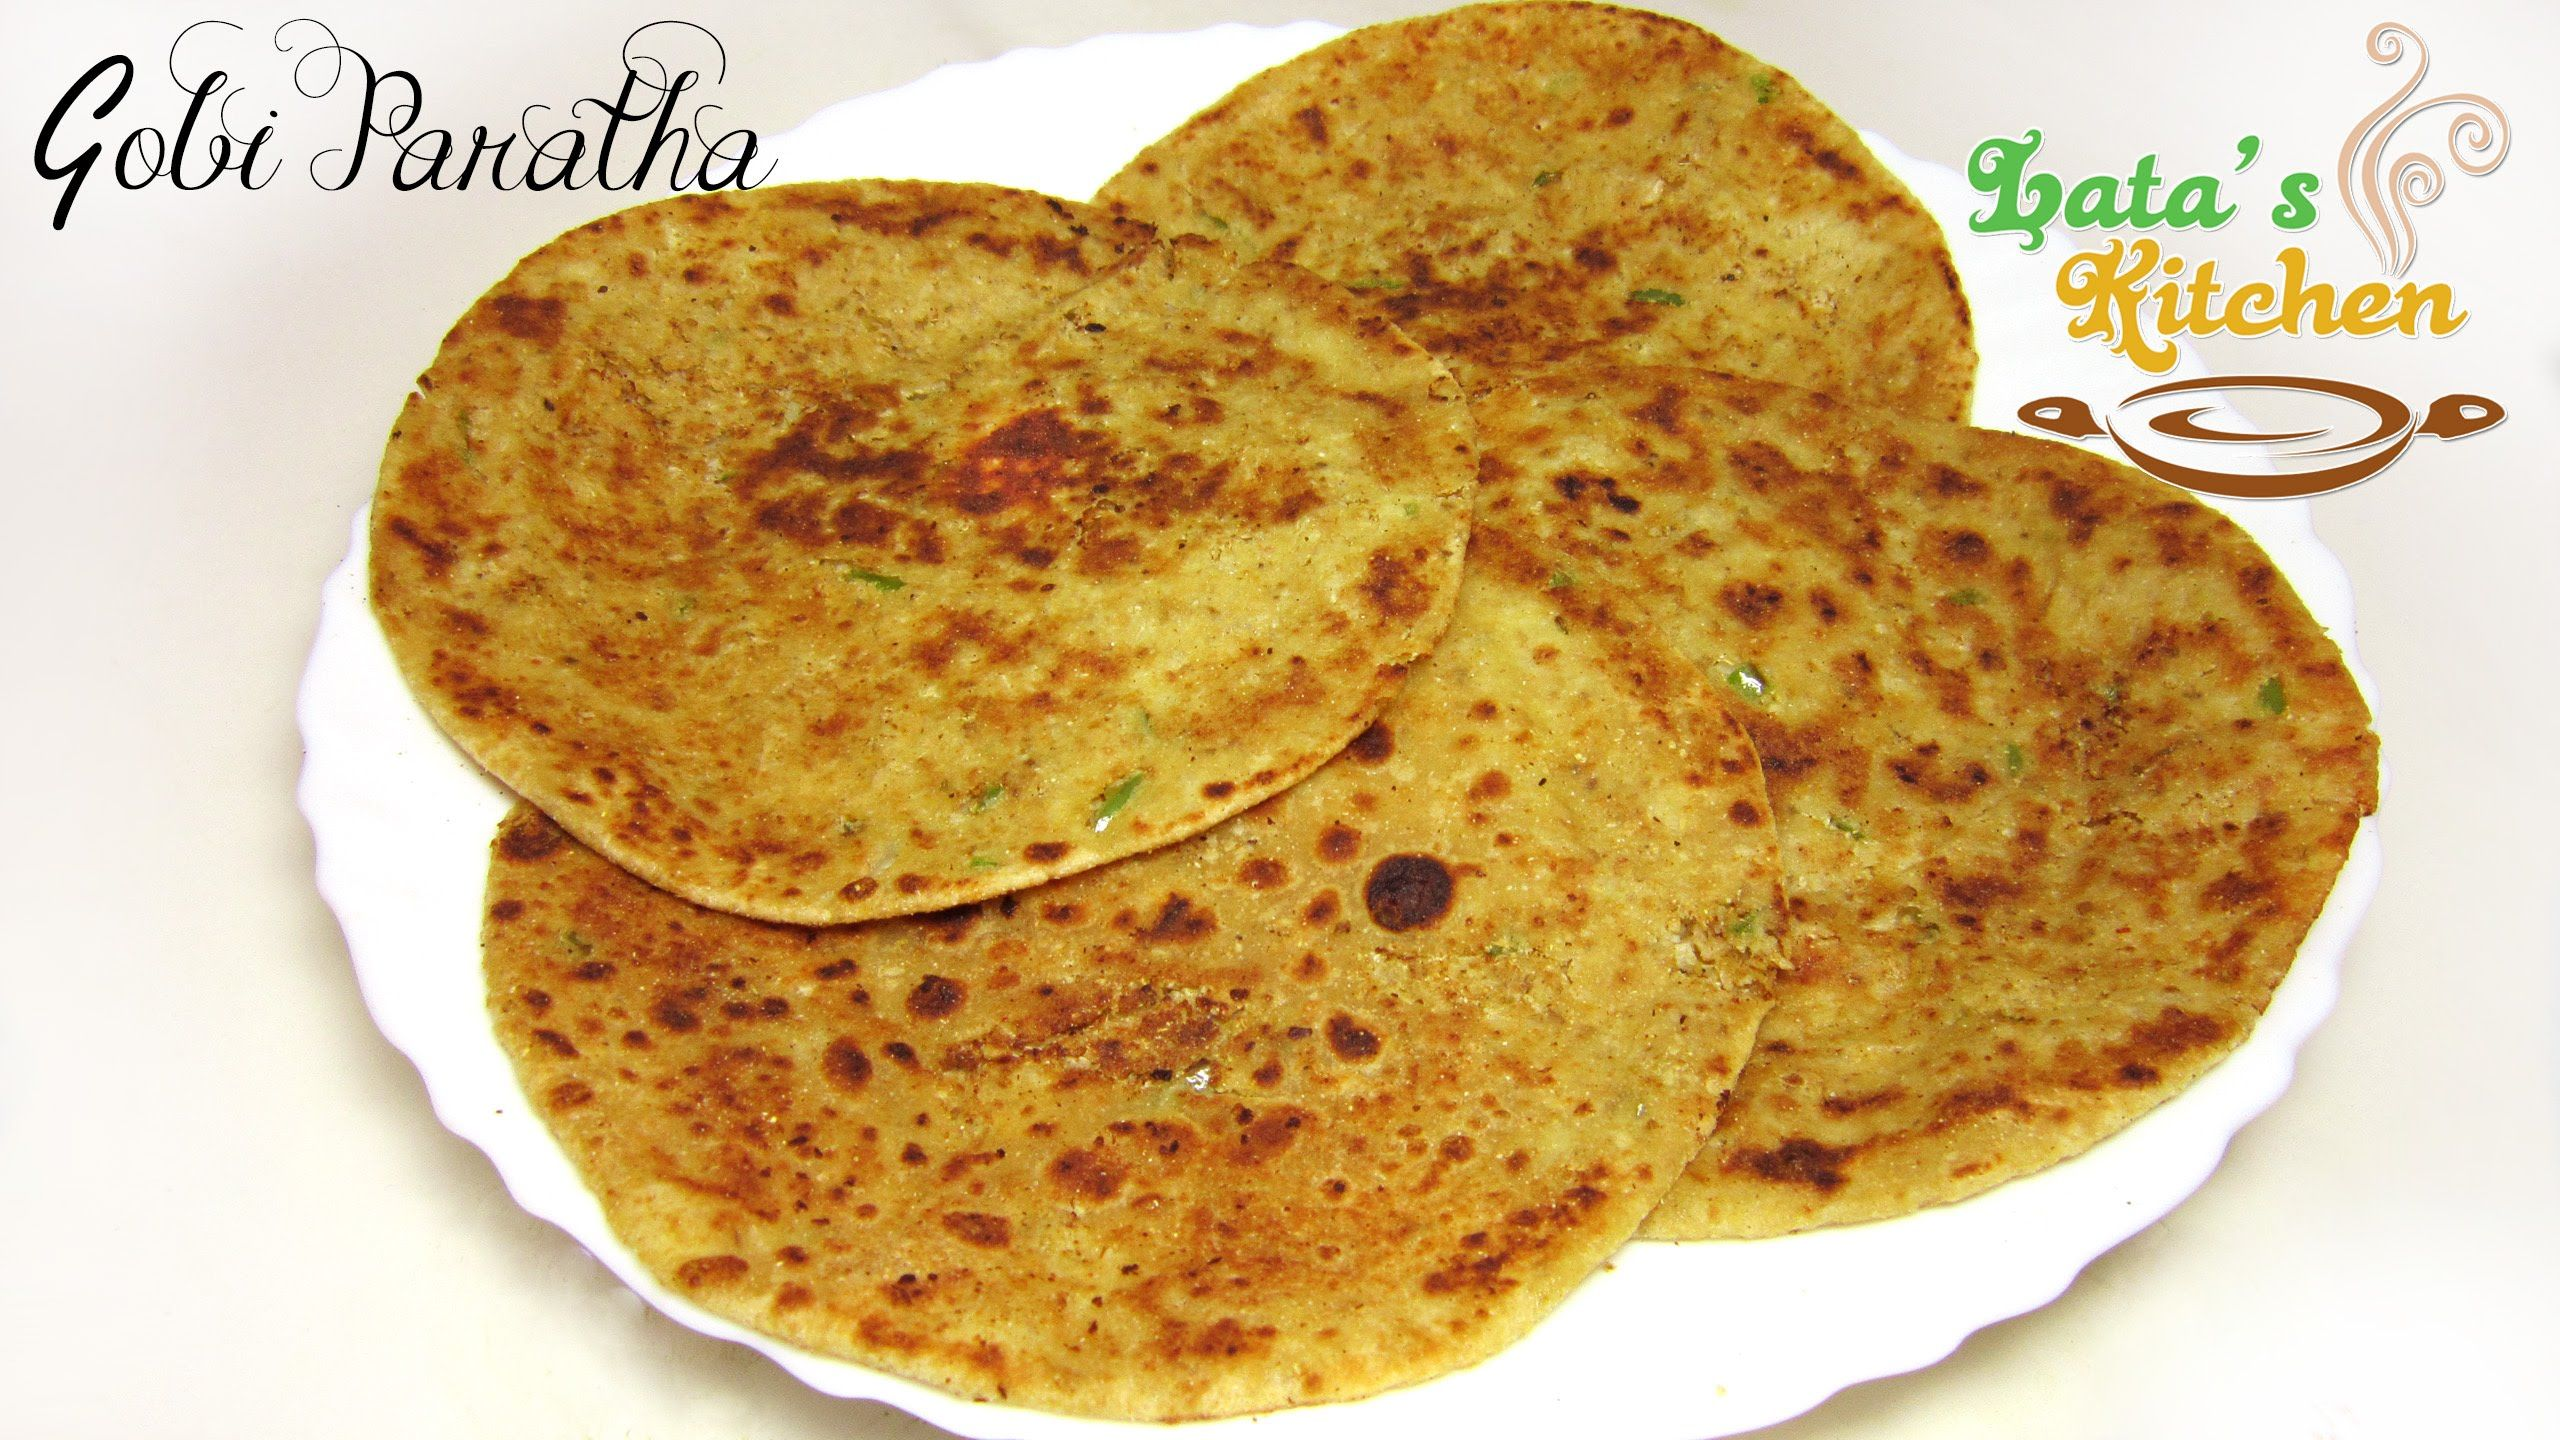 Gobi paratha recipe indian vegetarian recipe video in hindi with gobi paratha recipe indian vegetarian recipe video in hindi with english subtitles forumfinder Image collections